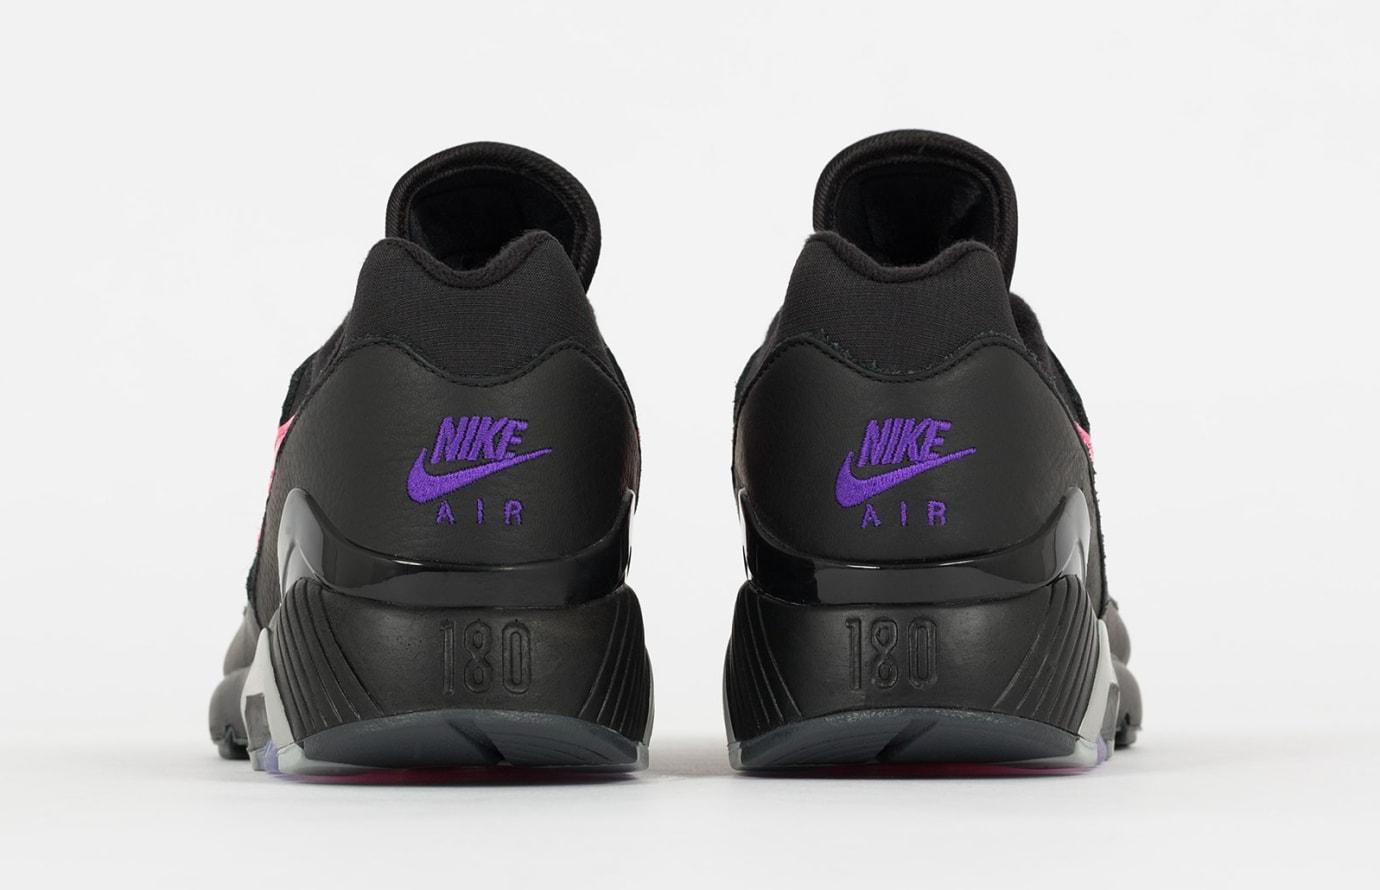 Nike Air Max 180 'Black/Pink Blast-Wolf Grey' AQ9974-001 (Heel)